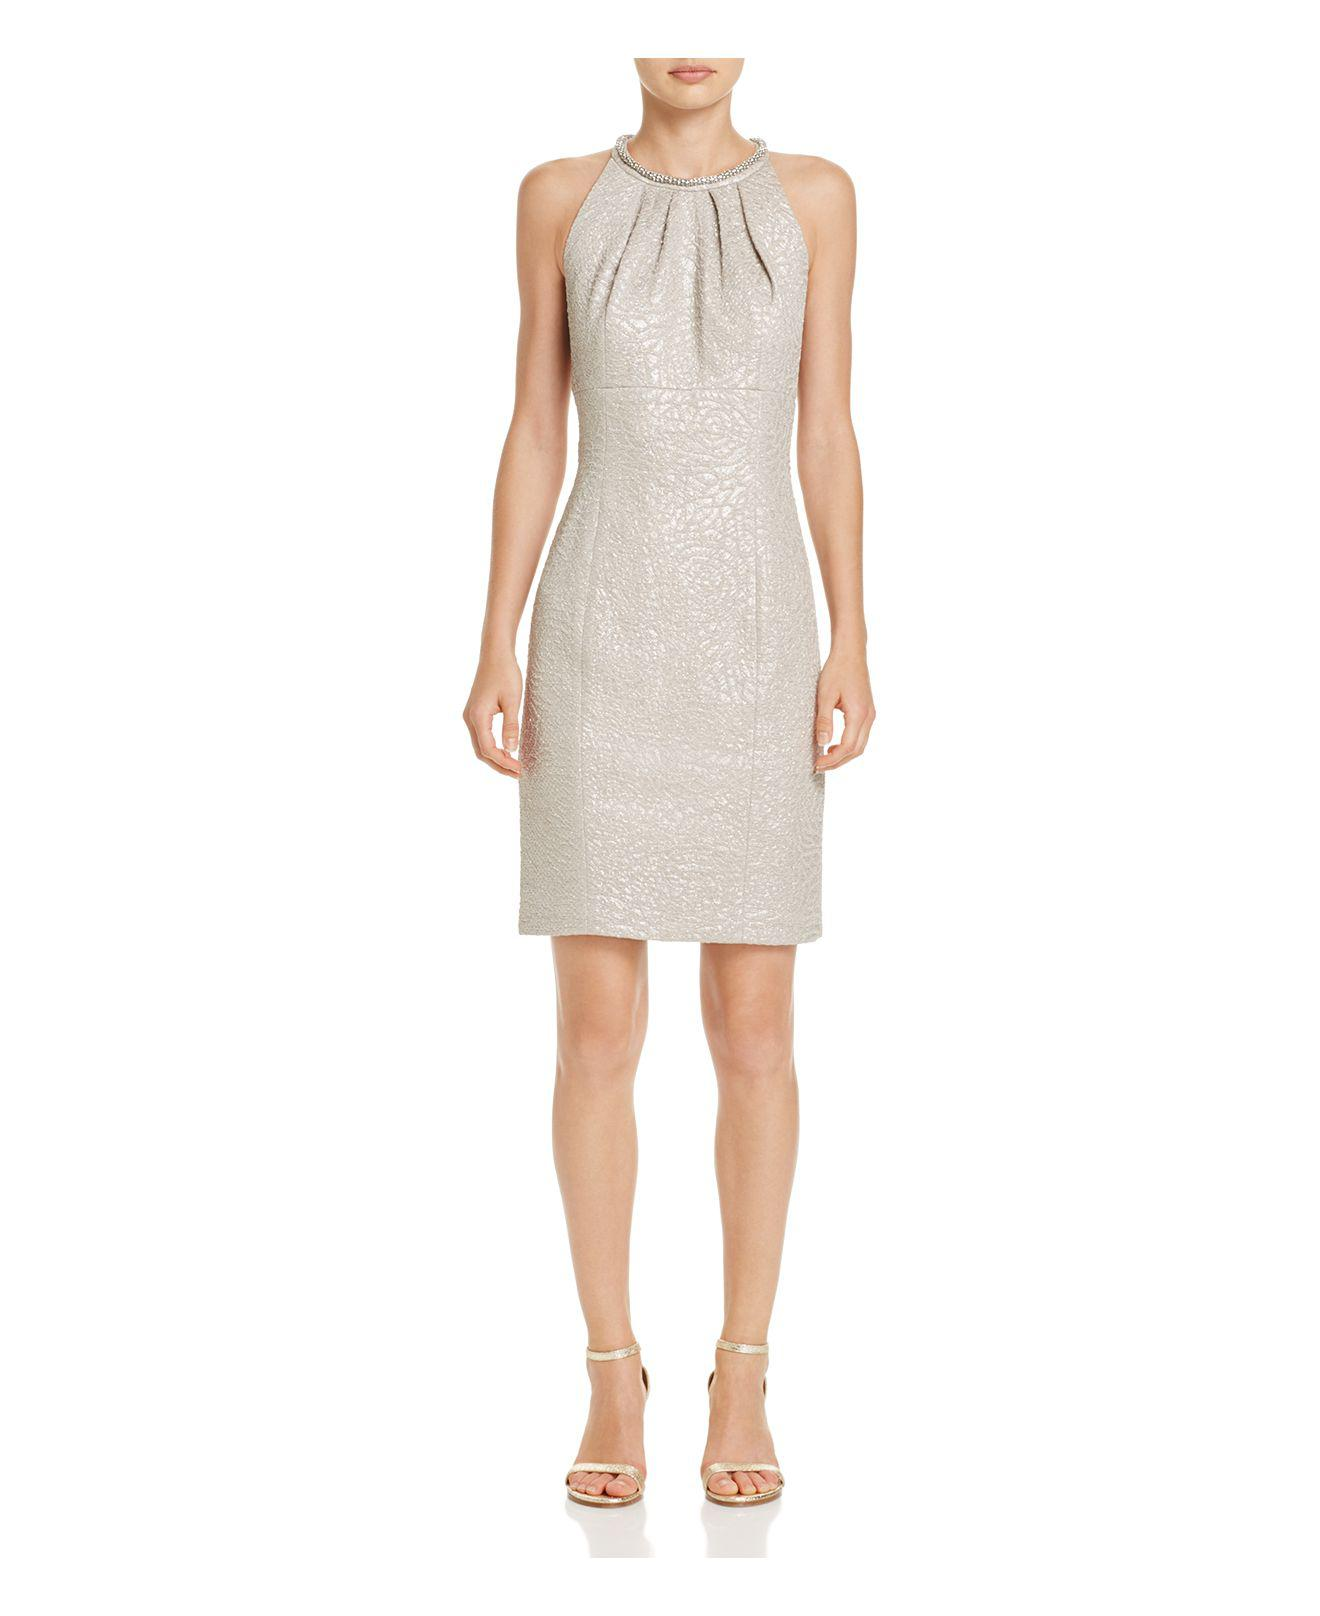 Lyst Eliza J Embellished Neck Textured Dress In Natural